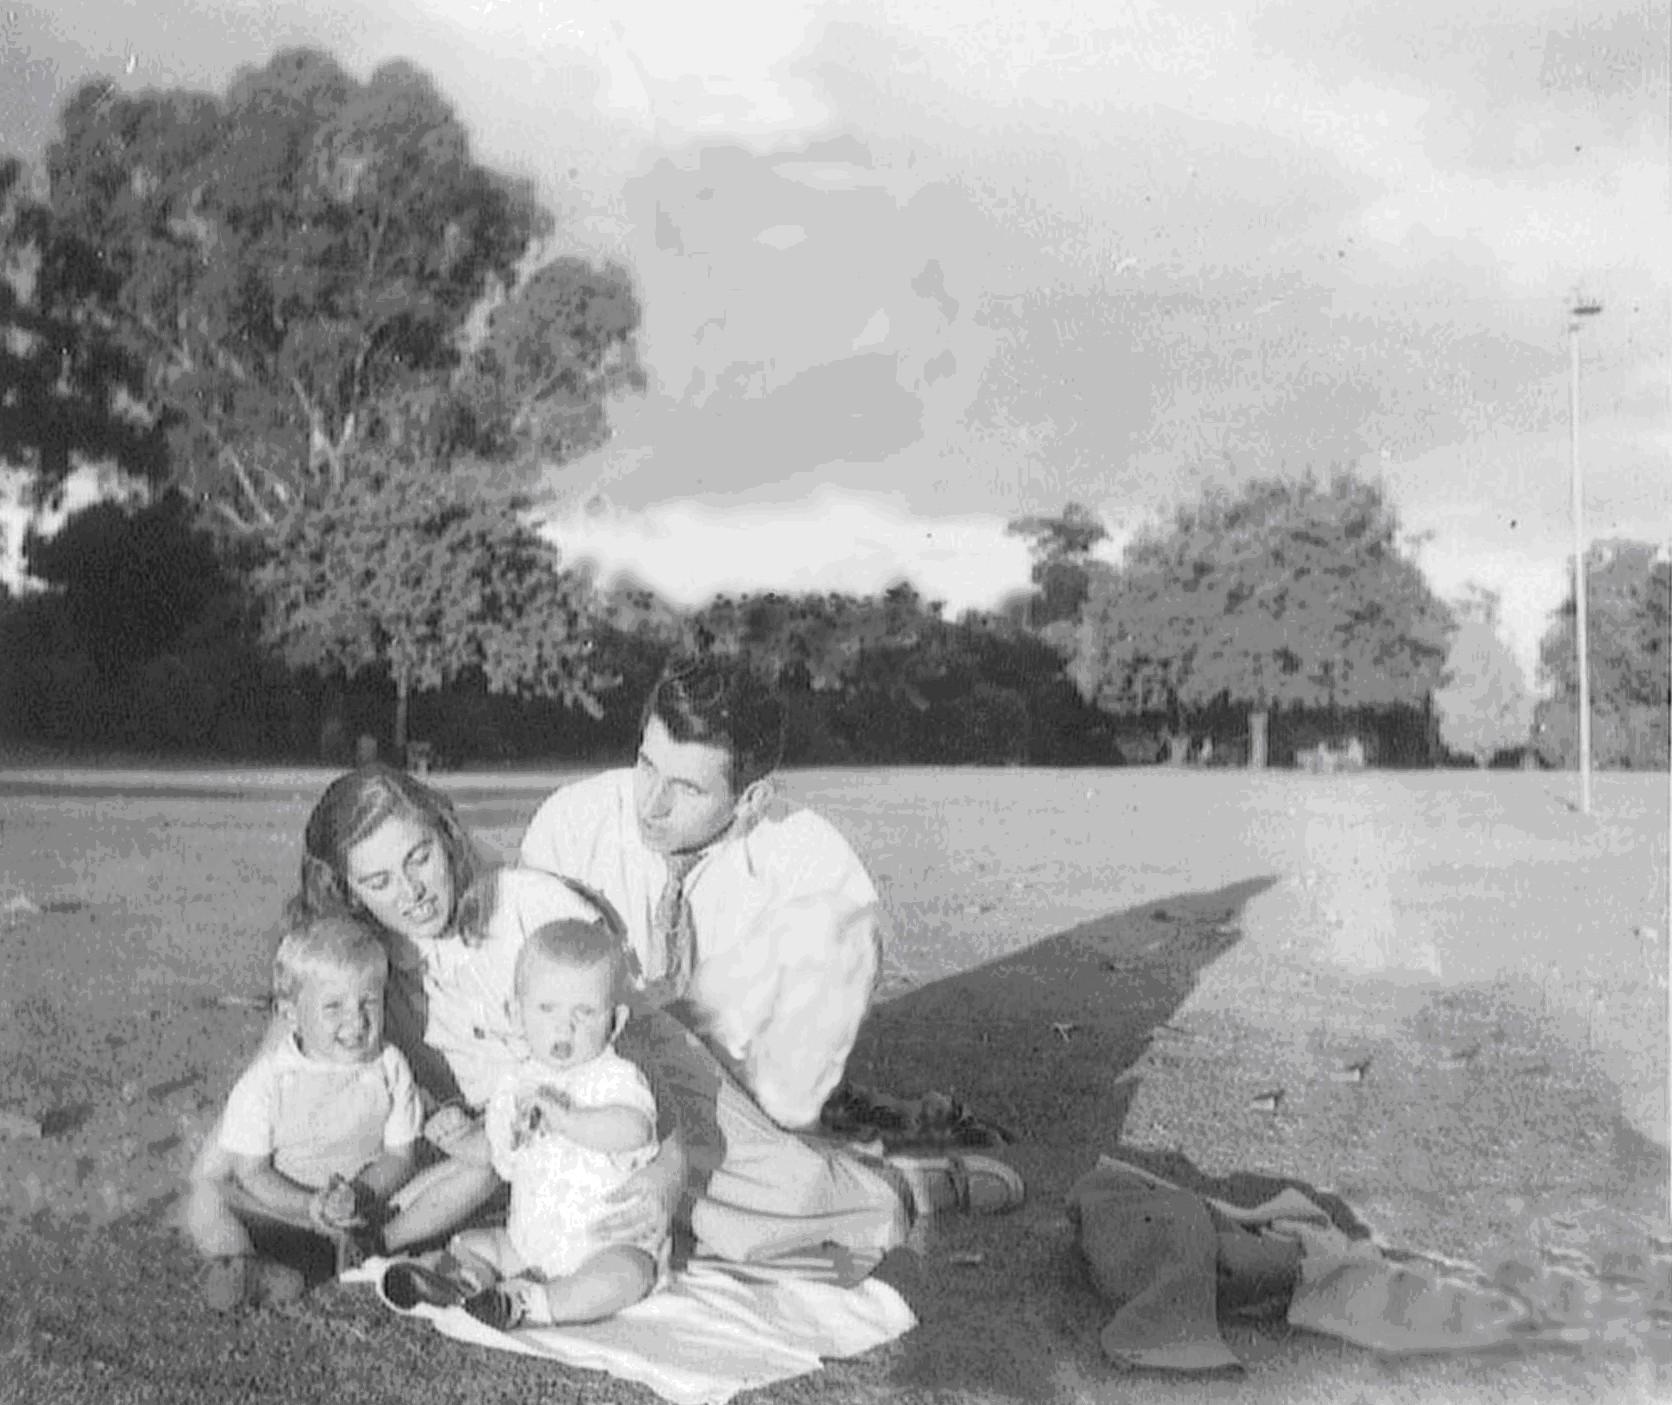 Perth 1954